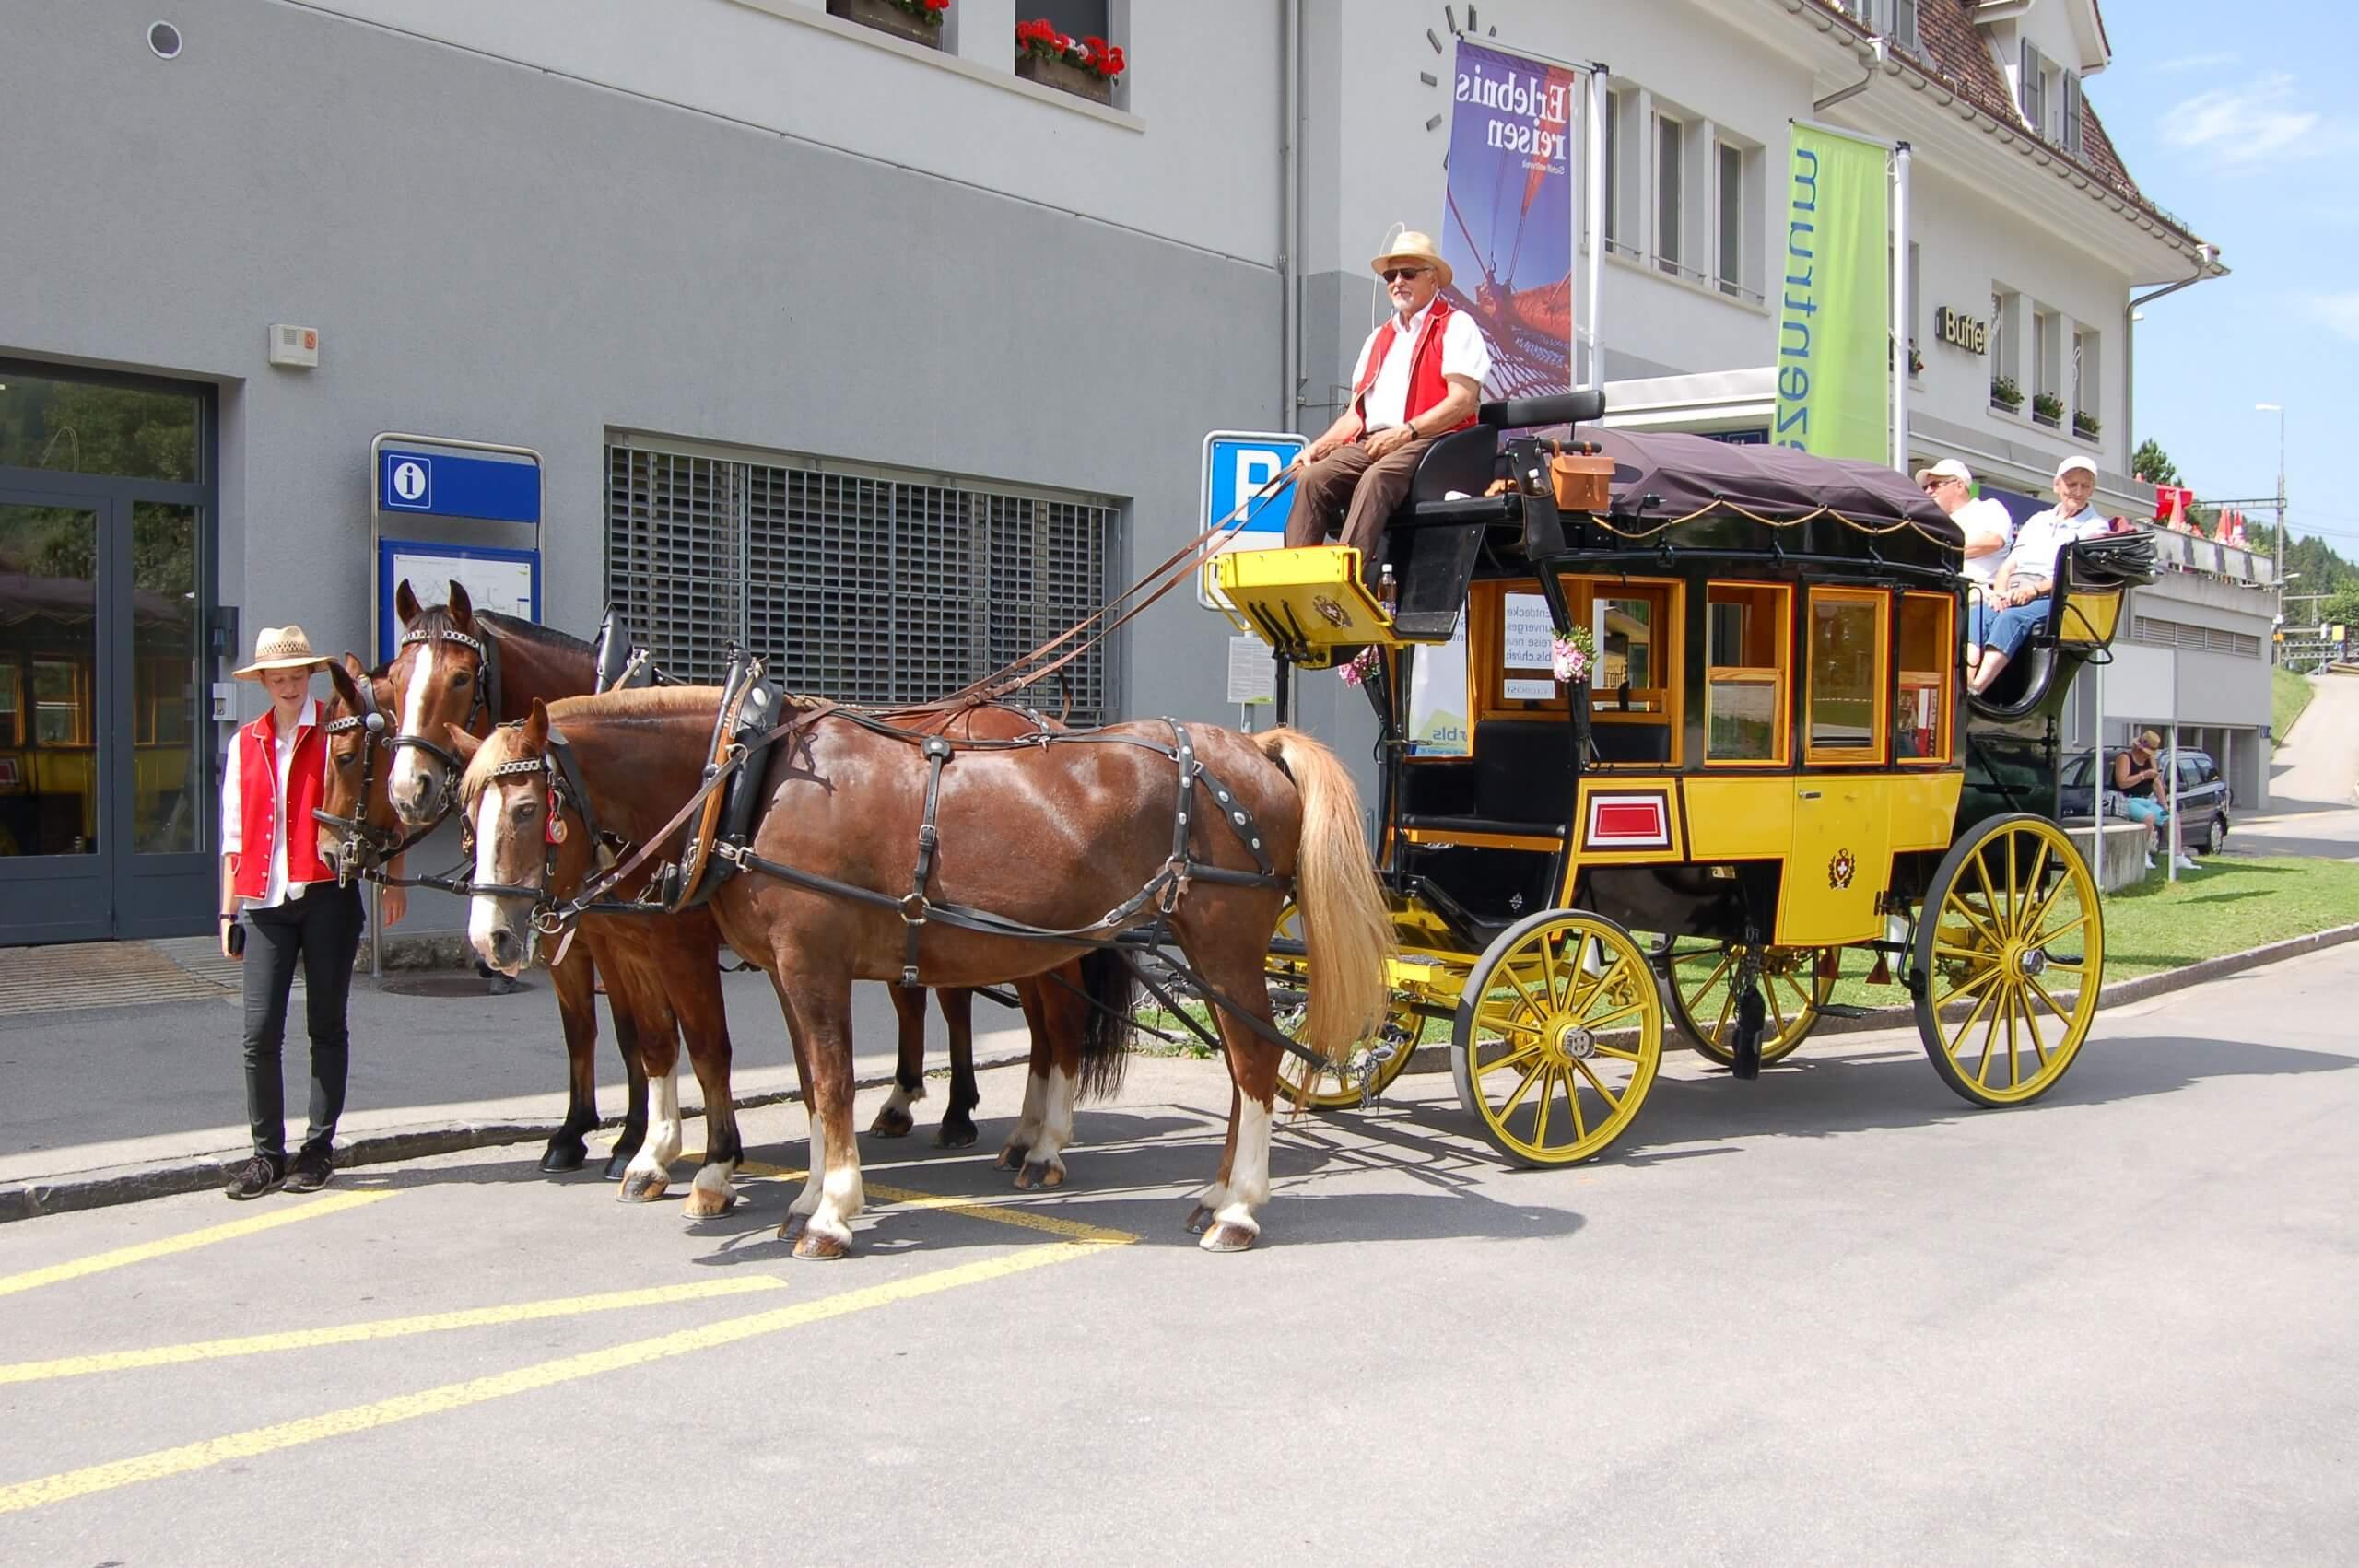 aeschi-kutschenfahrt-dorfrundgang-kutsche-sommer-pferde